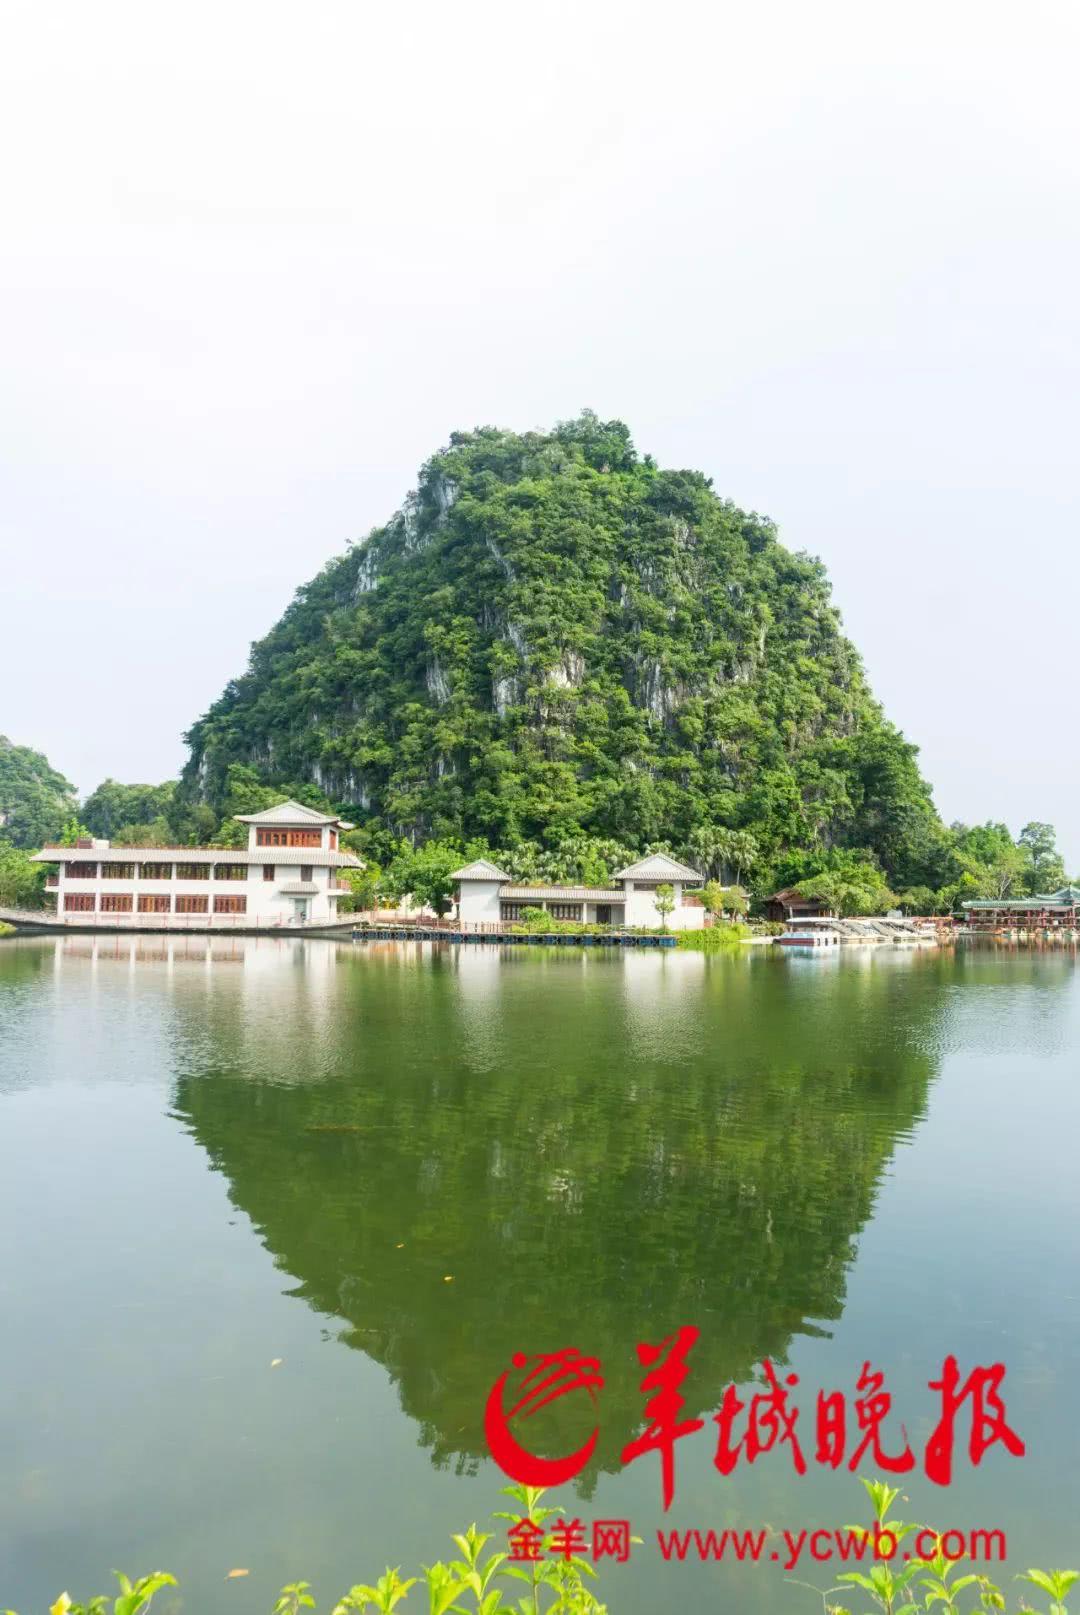 """这里是《西游记》取景地,被誉为""""中国最美绿道""""!背后还藏着这些胜景…"""